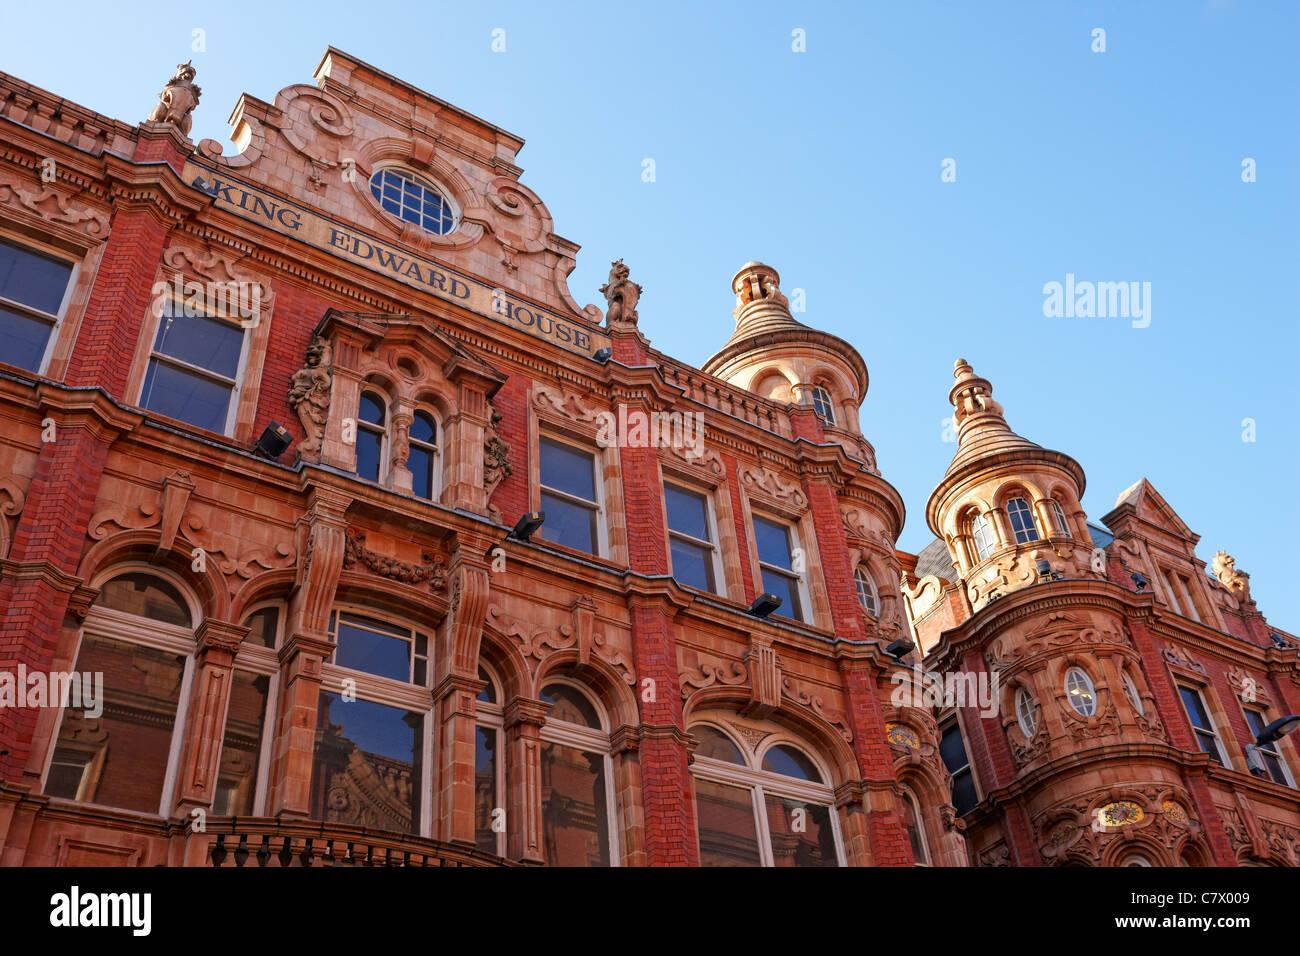 King Edward House - King Edward Street, designed by Frank Matcham. Leeds city centre UK - Stock Image